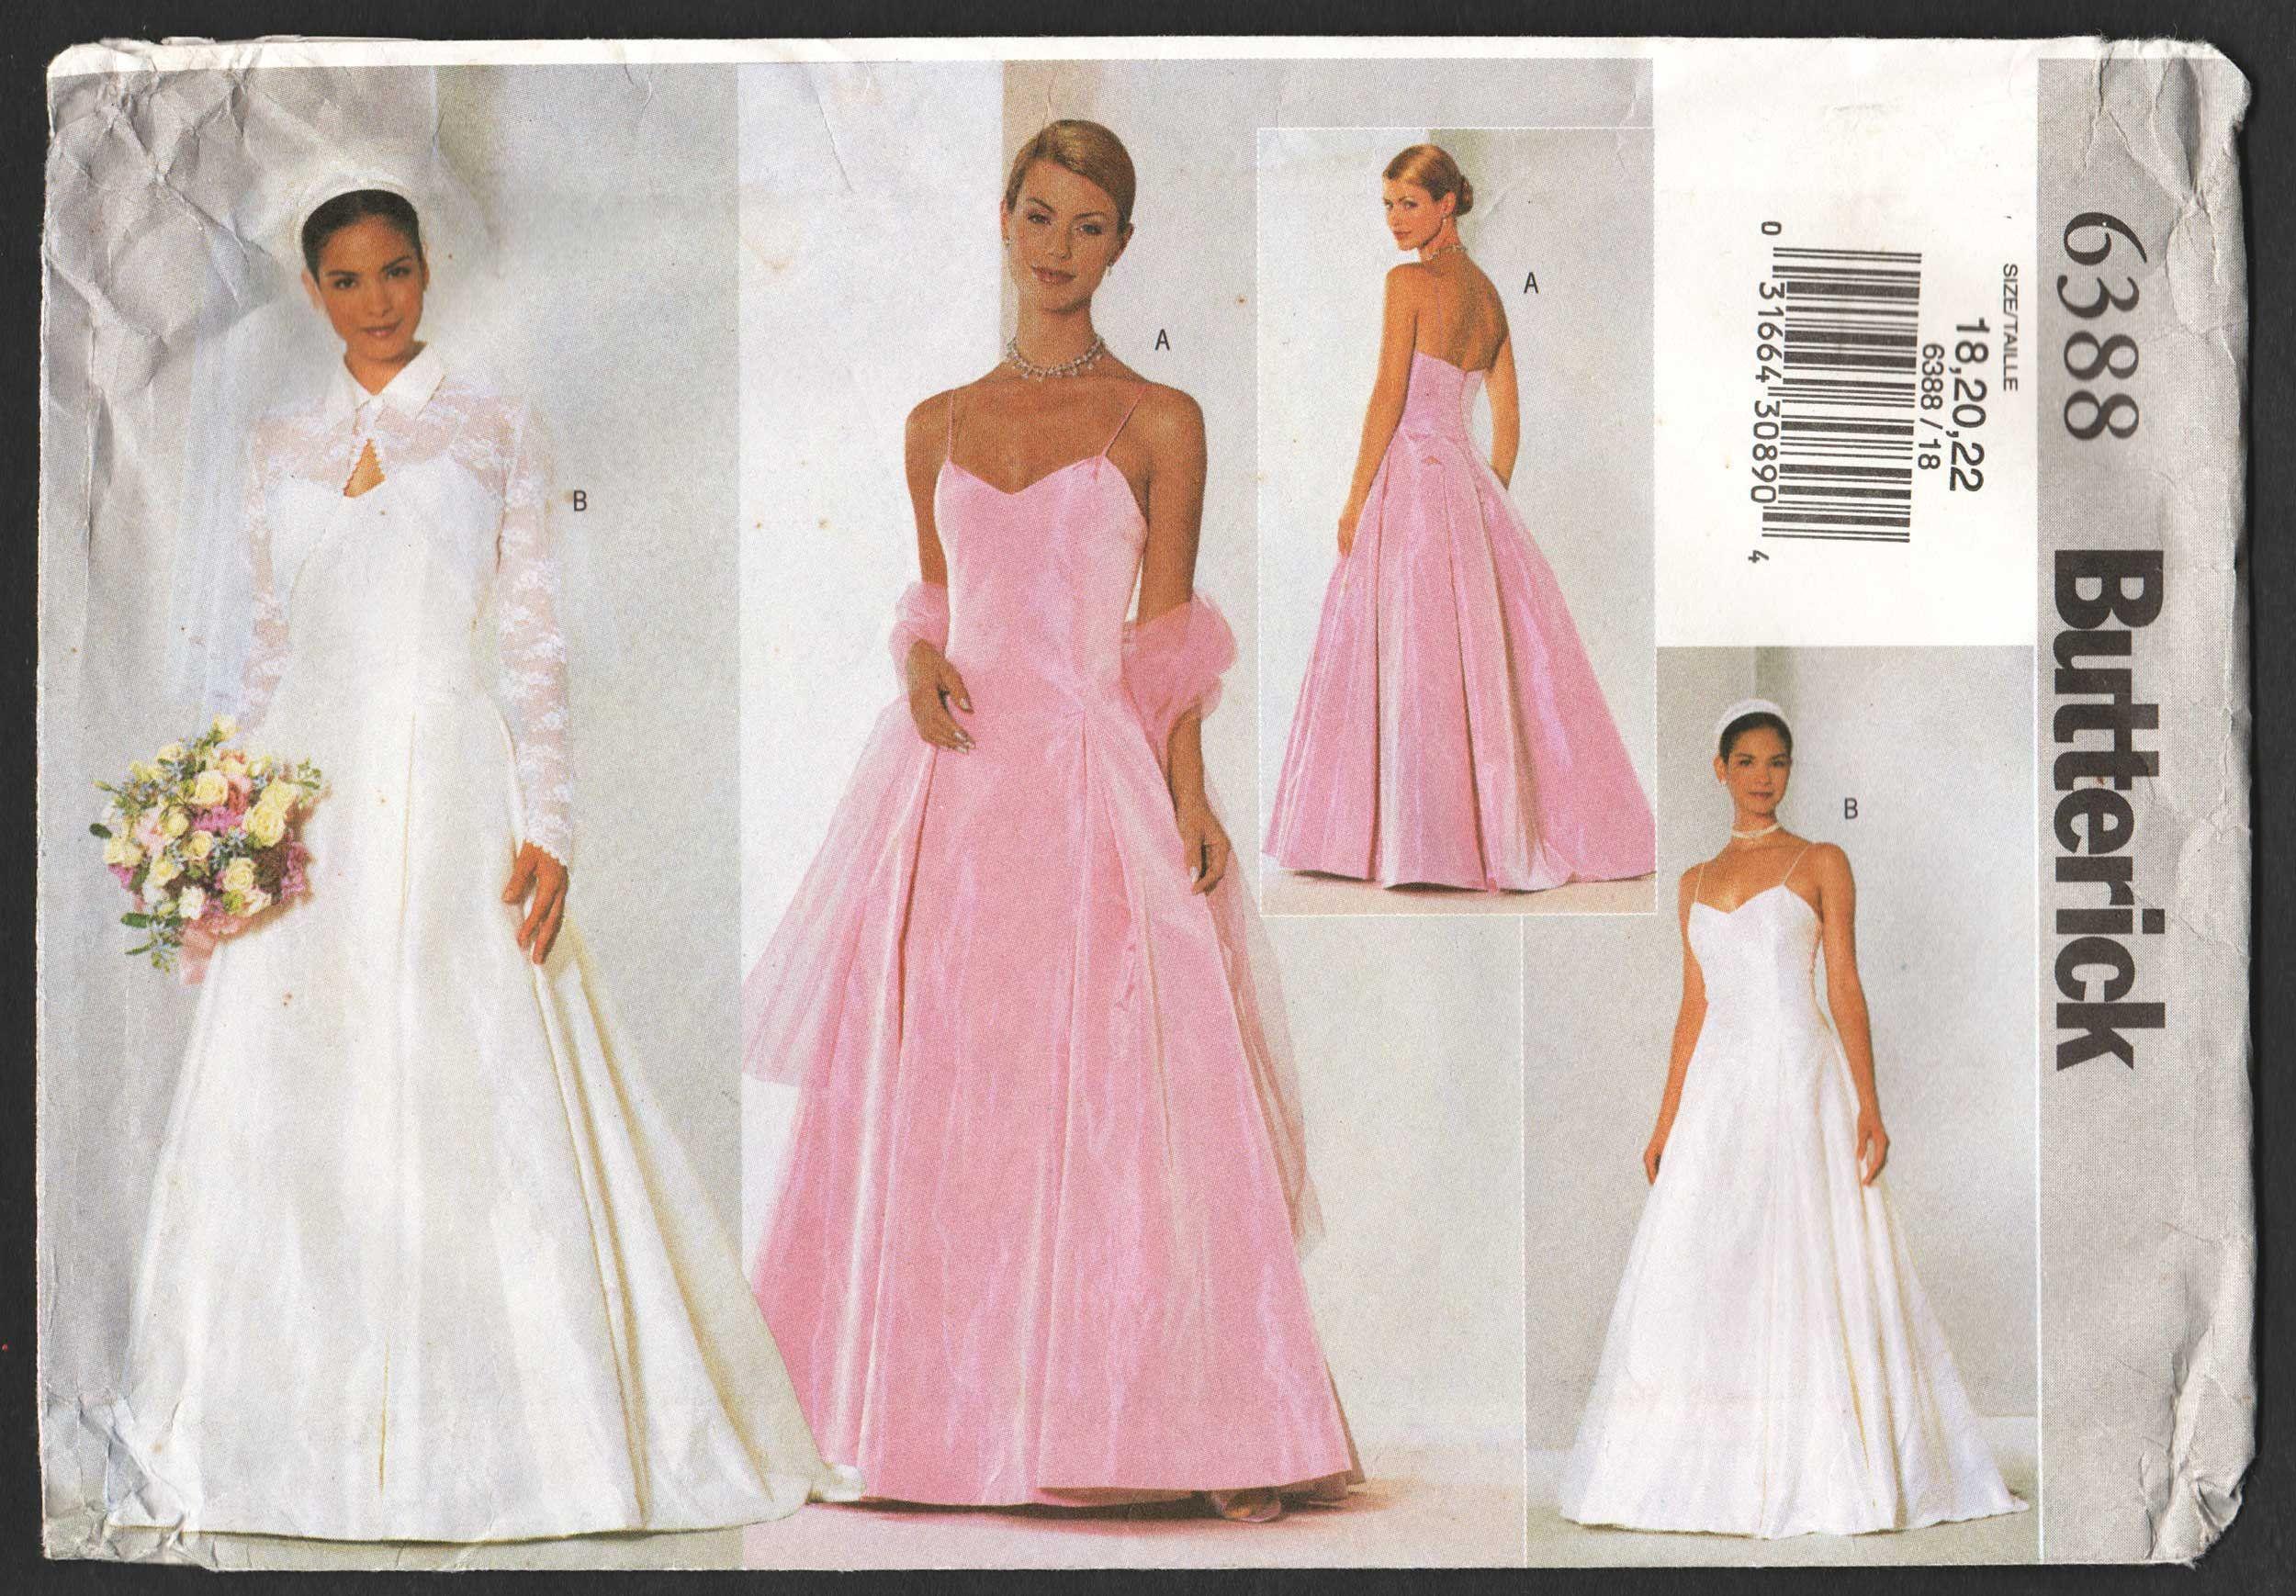 Plus Size Wedding Dress Pattern Spaghetti Strap Bridesmaid Dress And Jacket Sewing Pattern Size 18 20 2 Wedding Dress Patterns Dress Patterns Uk Dress Patterns [ 1738 x 2500 Pixel ]